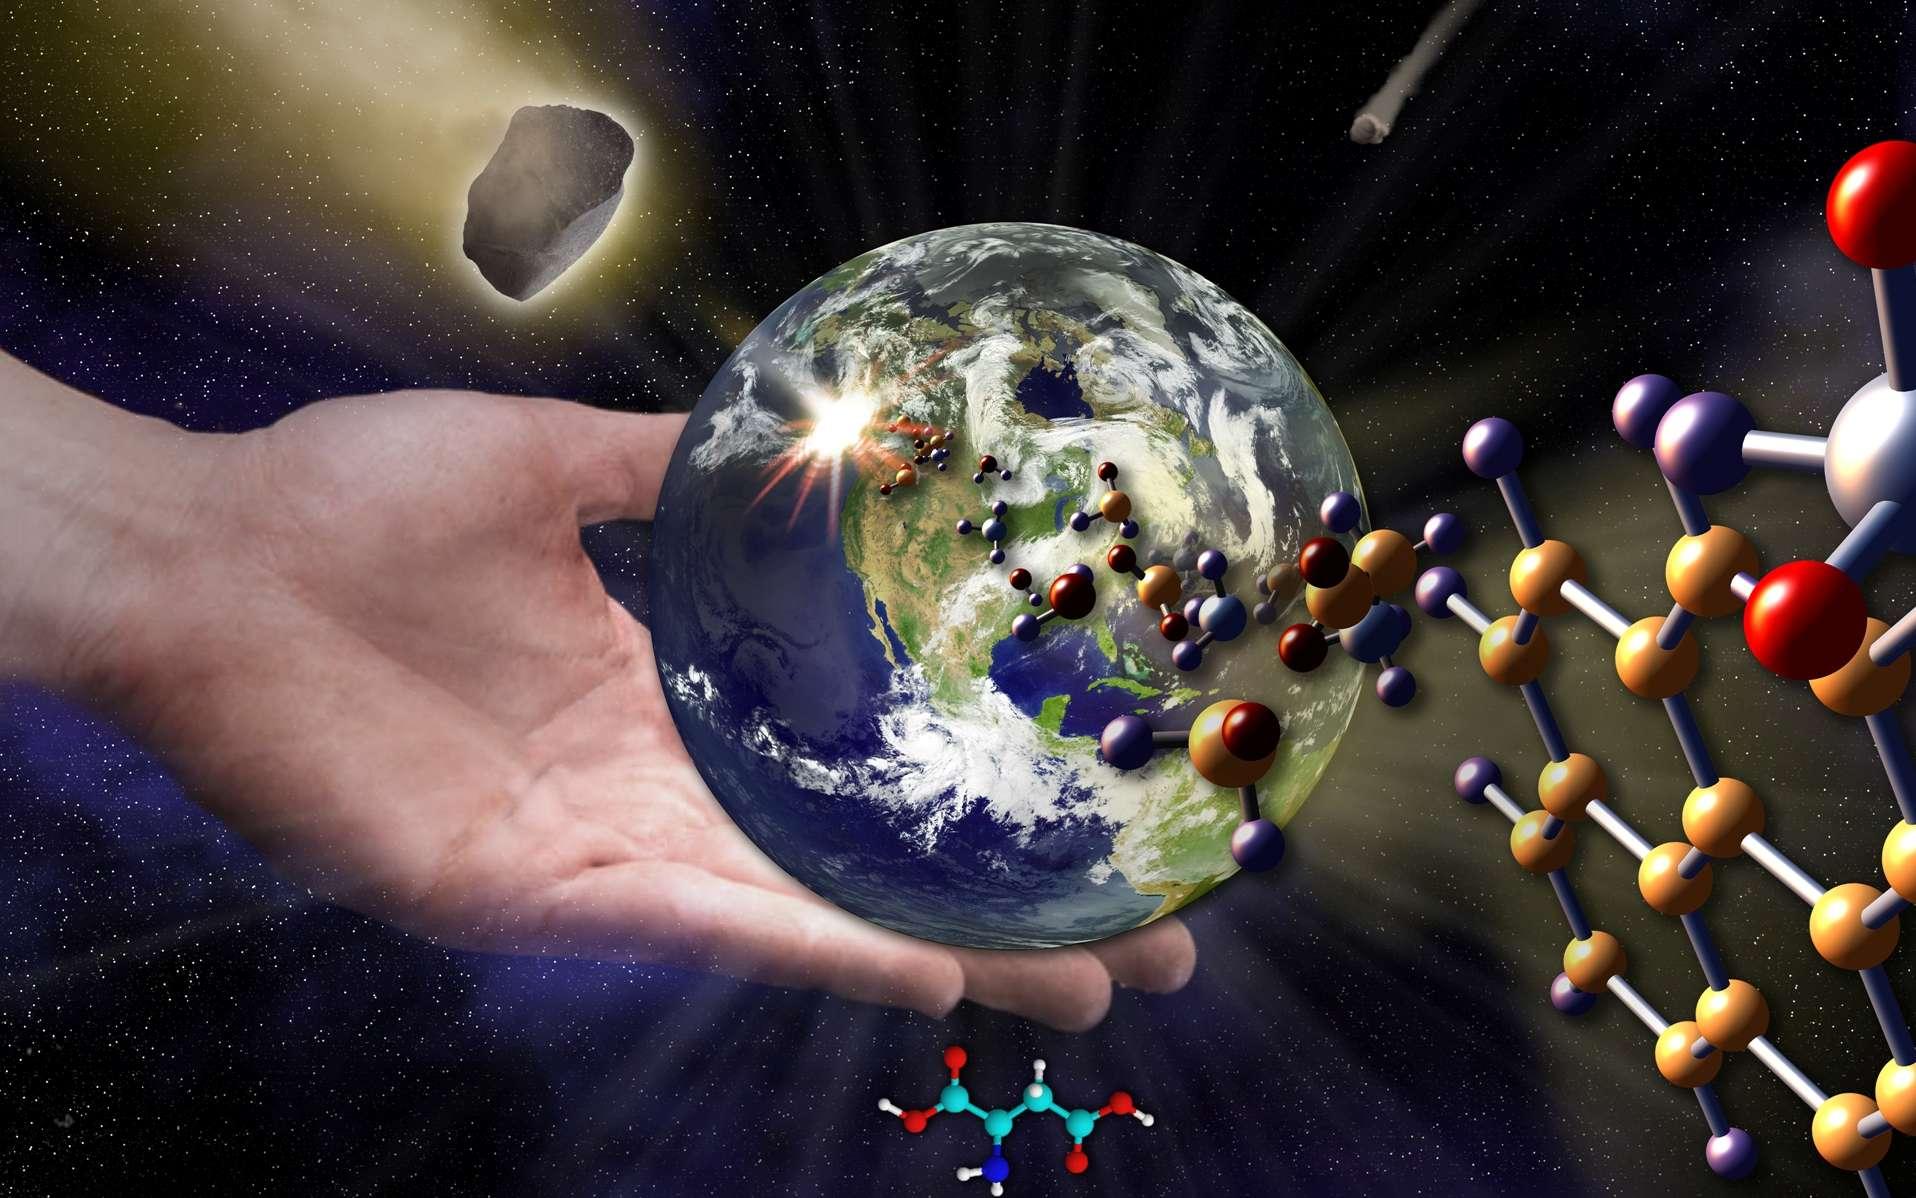 Une vue d'artiste de la chimie prébiotique apportée sur Terre. © Nasa, Hrybyk-Keith, Mary P.